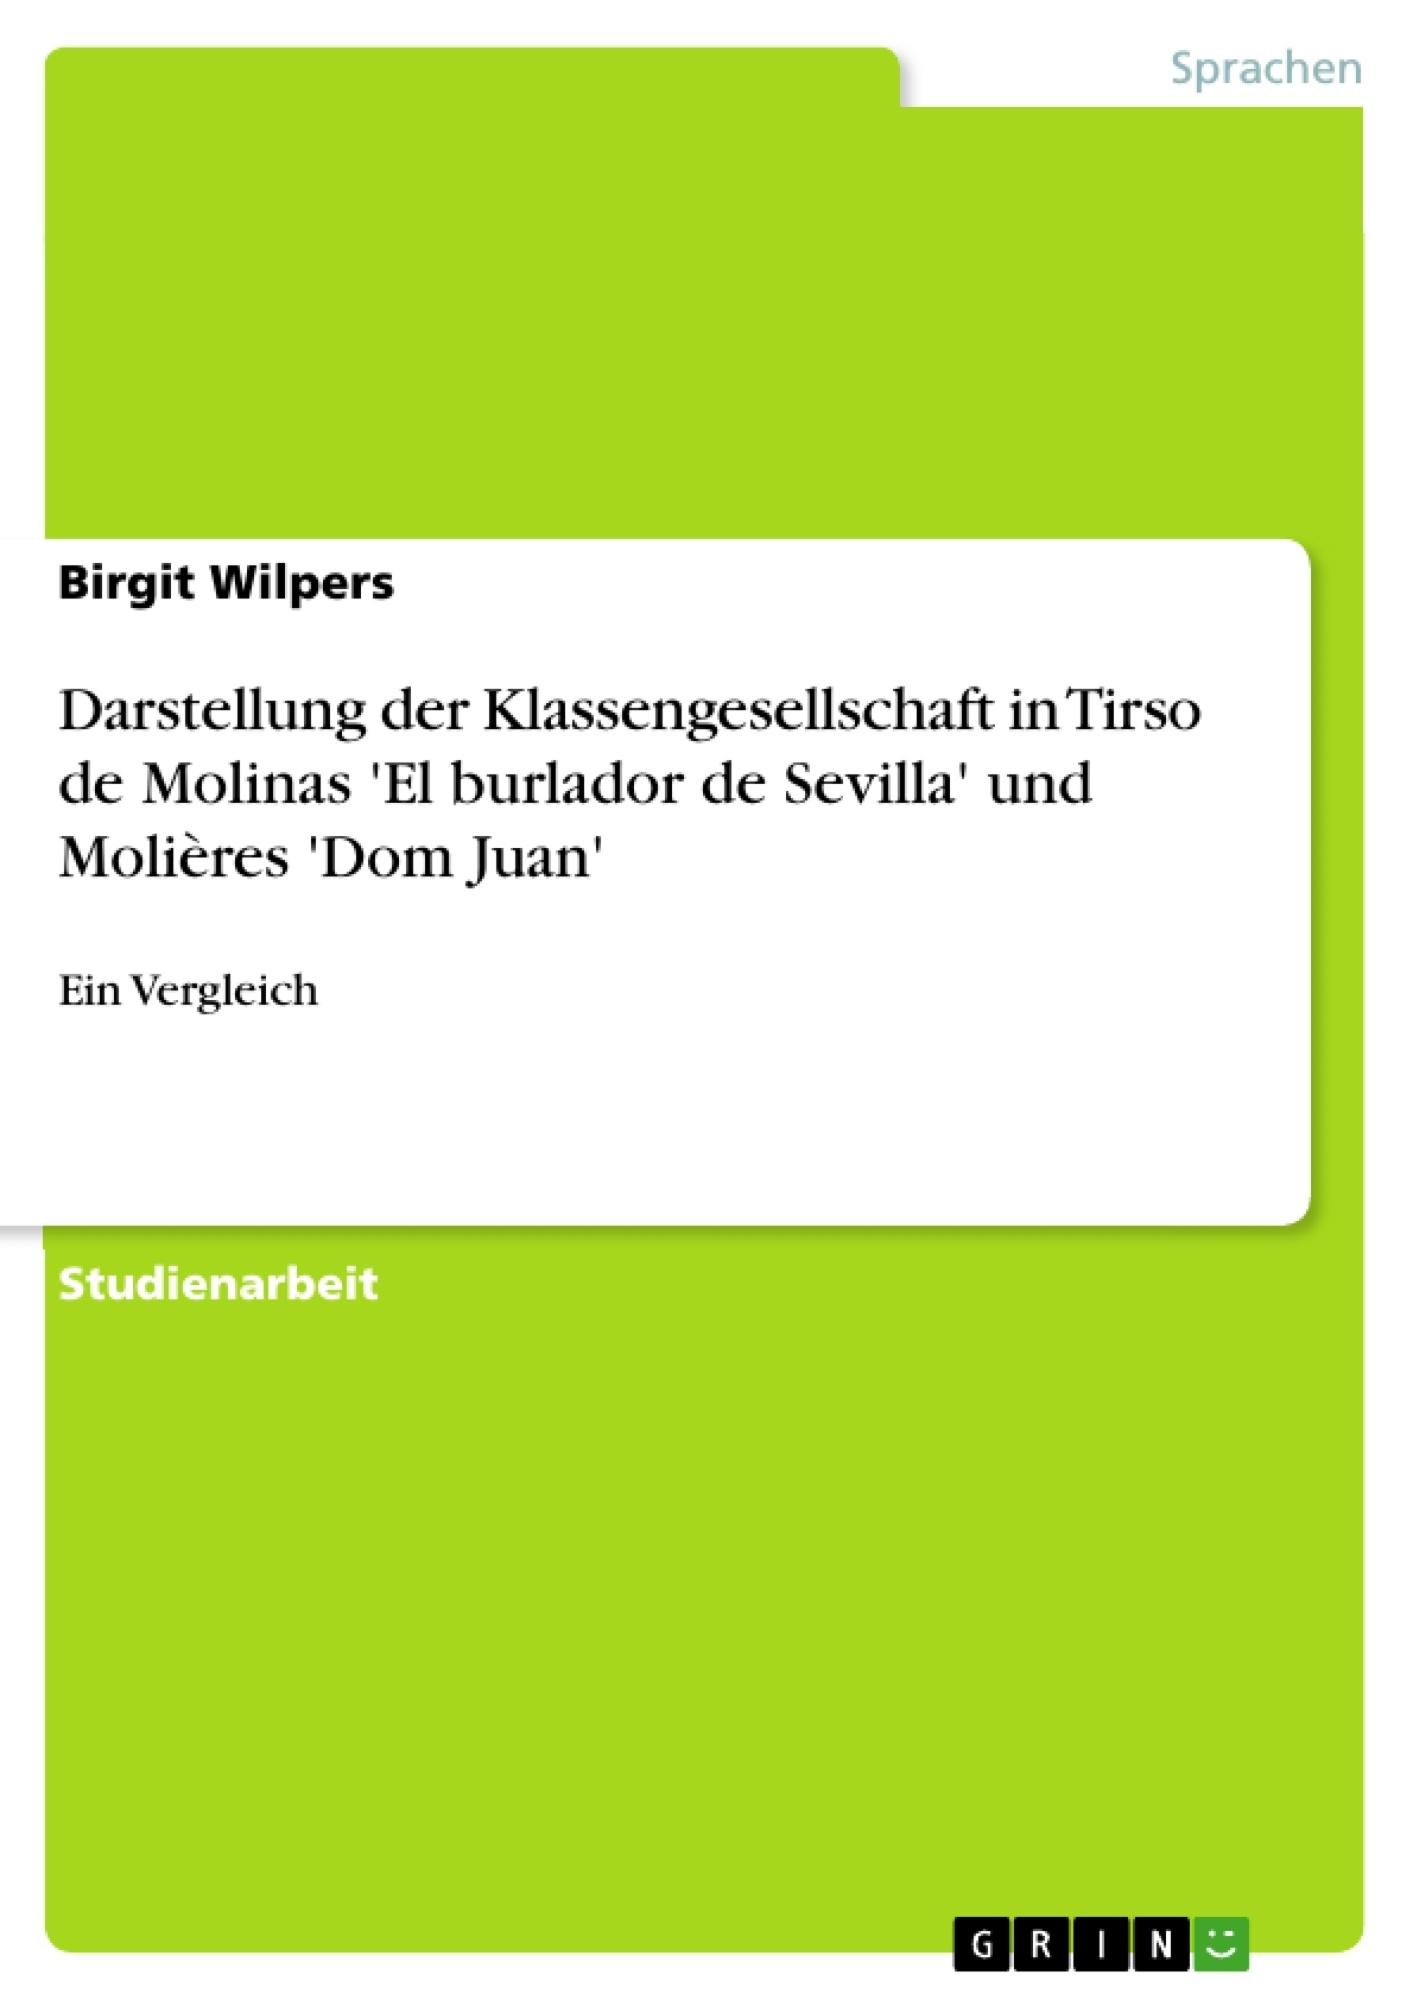 Titel: Darstellung der Klassengesellschaft in Tirso de Molinas 'El burlador de Sevilla' und Molières 'Dom Juan'